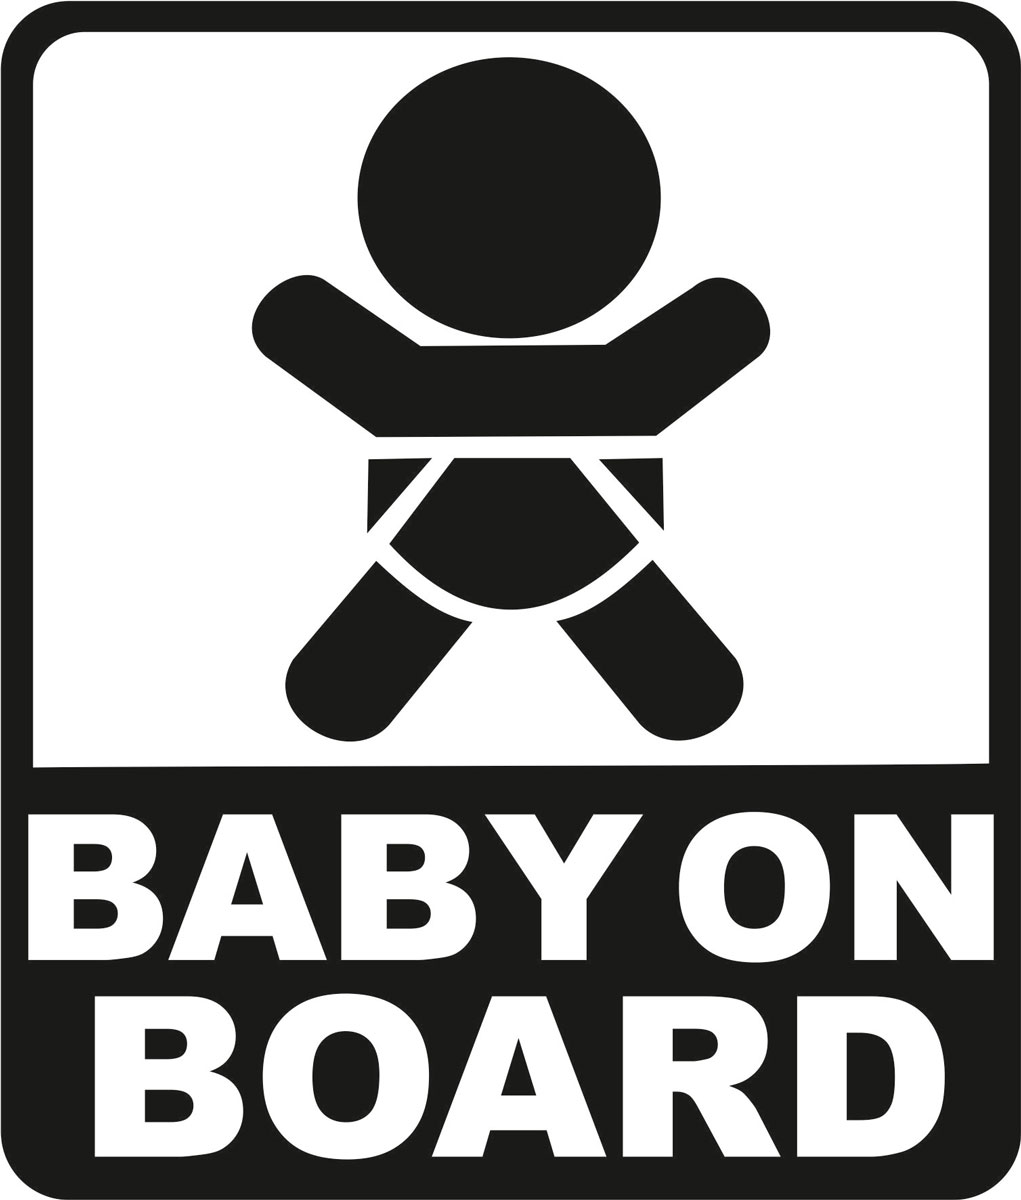 Наклейка автомобильная Оранжевый слоник Baby on Board. Квадрат, виниловая, цвет: черный150RM0005BОригинальная наклейка Оранжевый слоник Baby on Board. Квадрат изготовлена из долговечного винила, который выполняет не только декоративную функцию, но и защищает кузов от небольших механических повреждений, либо скрывает уже существующие.Виниловые наклейки на авто - это не только красиво, но еще и быстро! Всего за несколько минут вы можете полностью преобразить свой автомобиль, сделать его ярким, необычным, особенным и неповторимым!